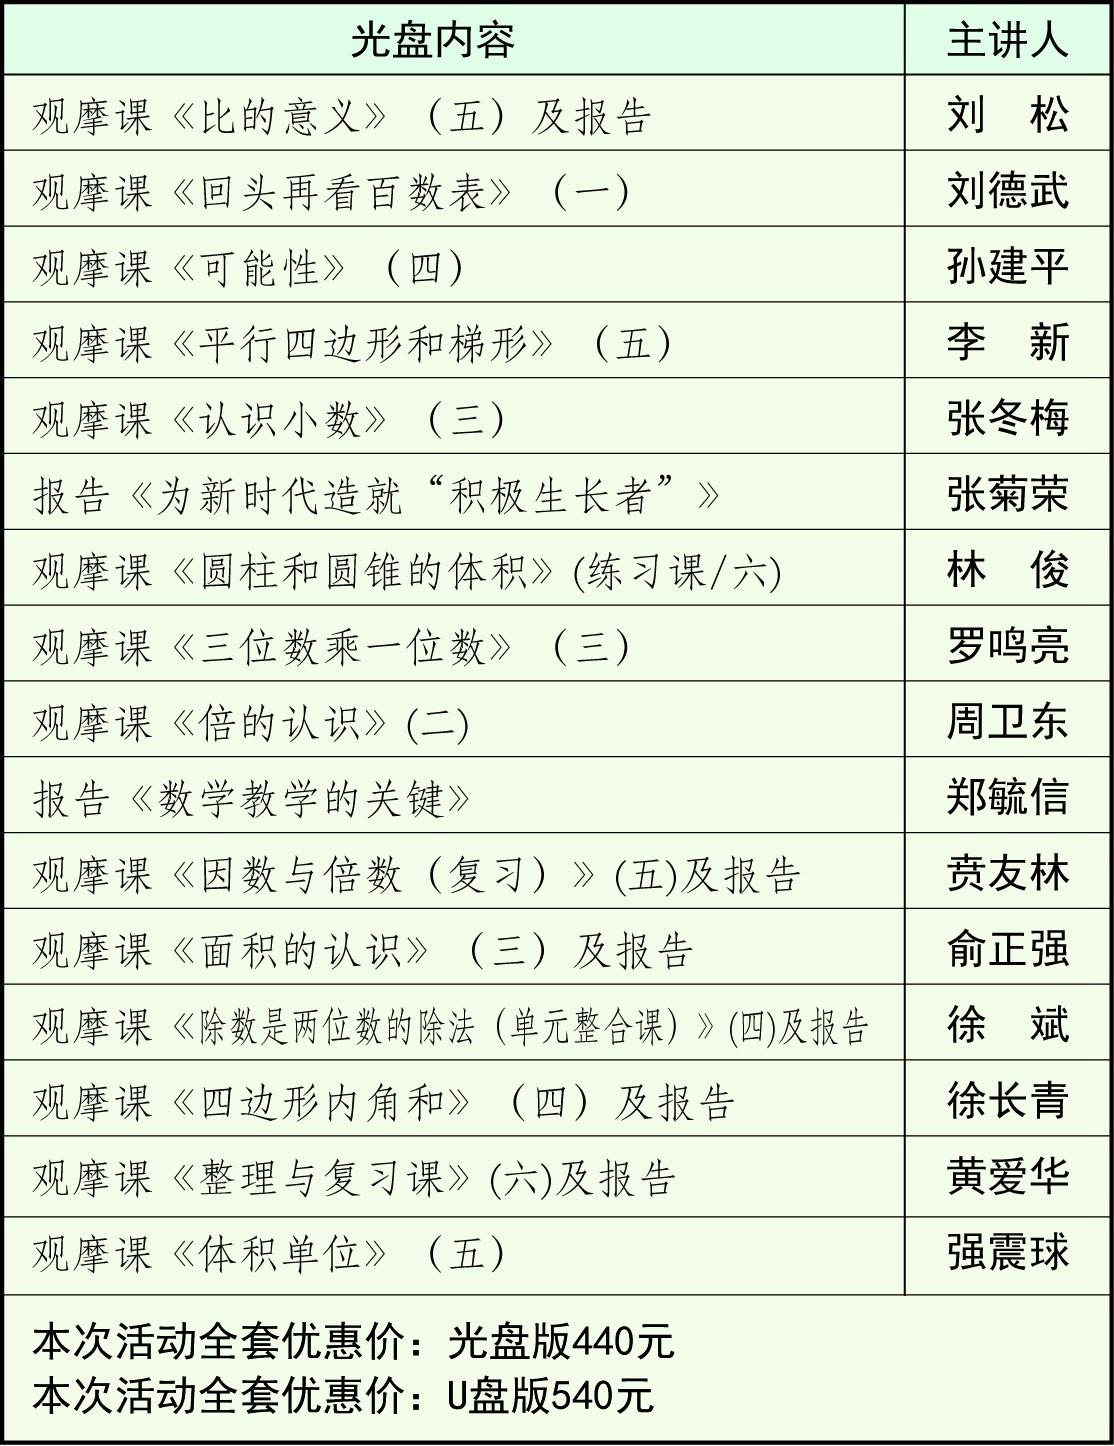 苏州数学光盘图.jpg